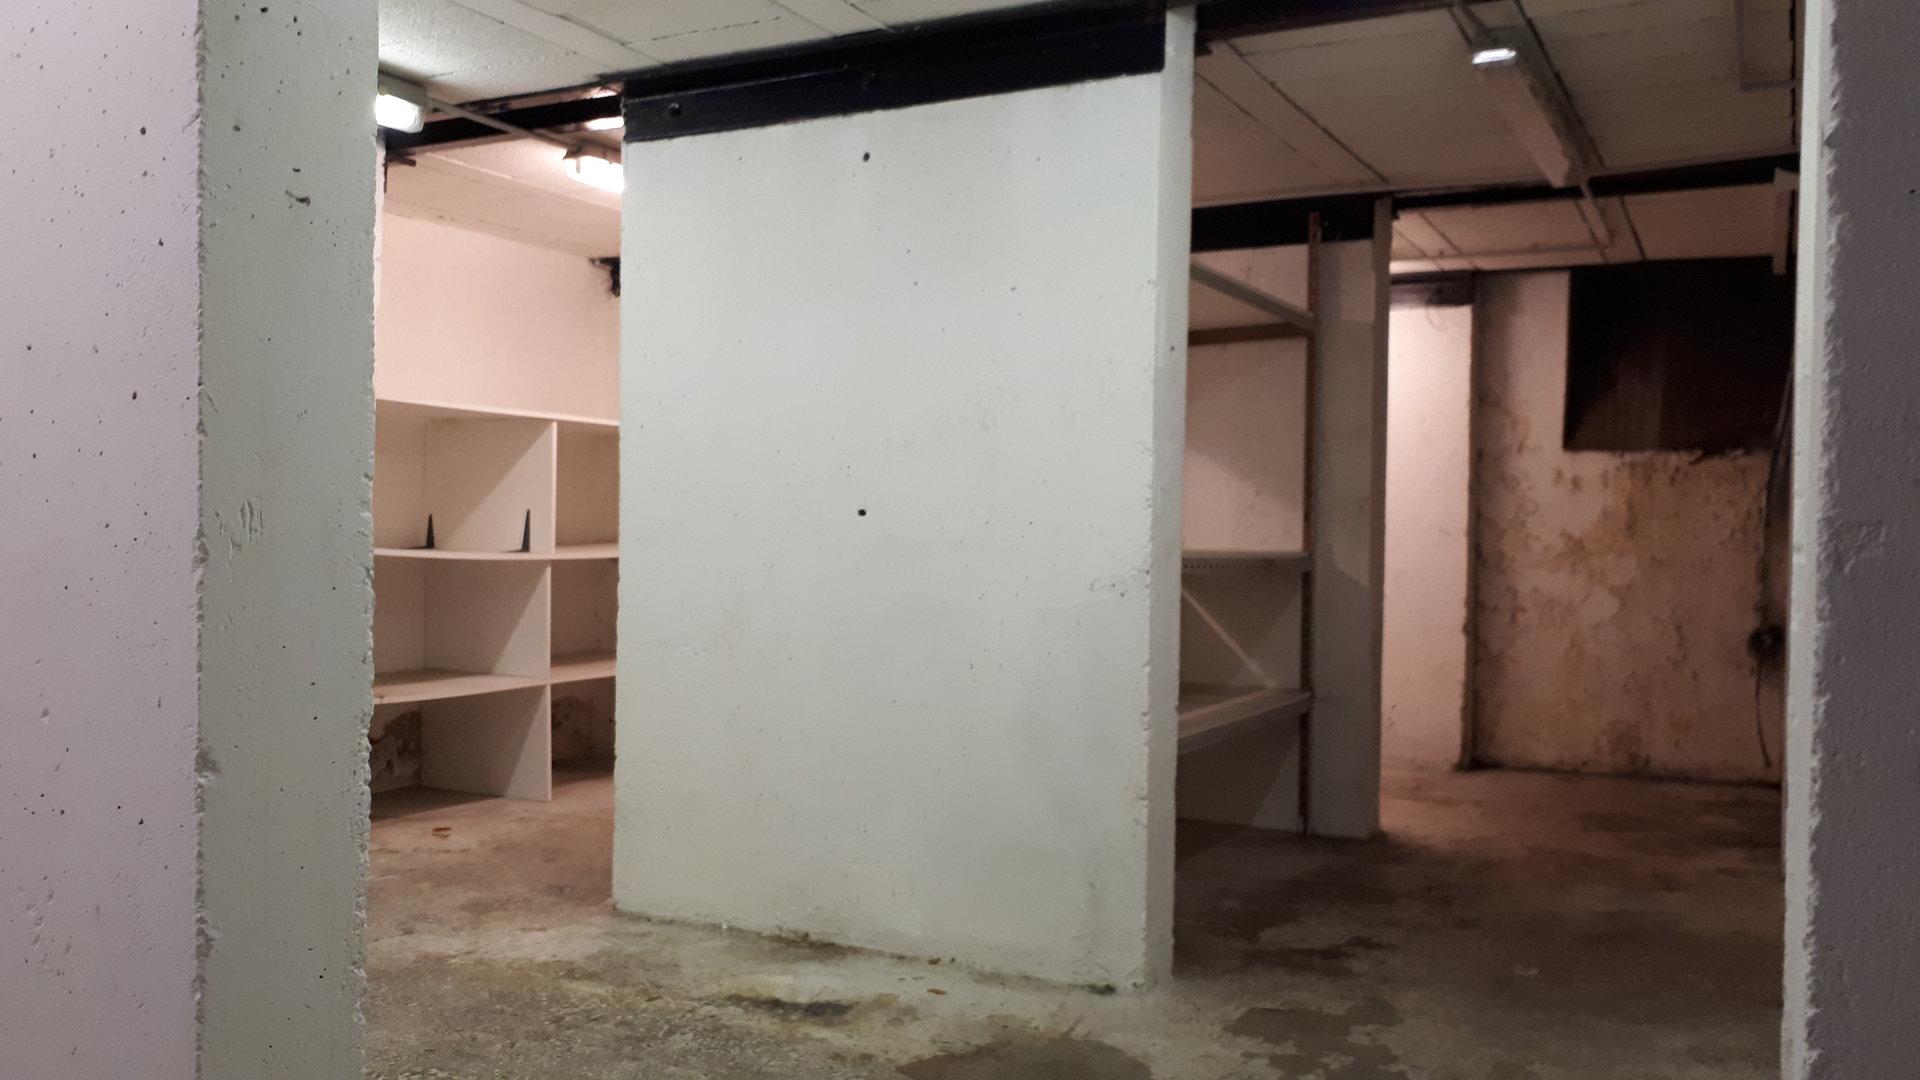 Location Nice, entrepôt 80² avenue de la République